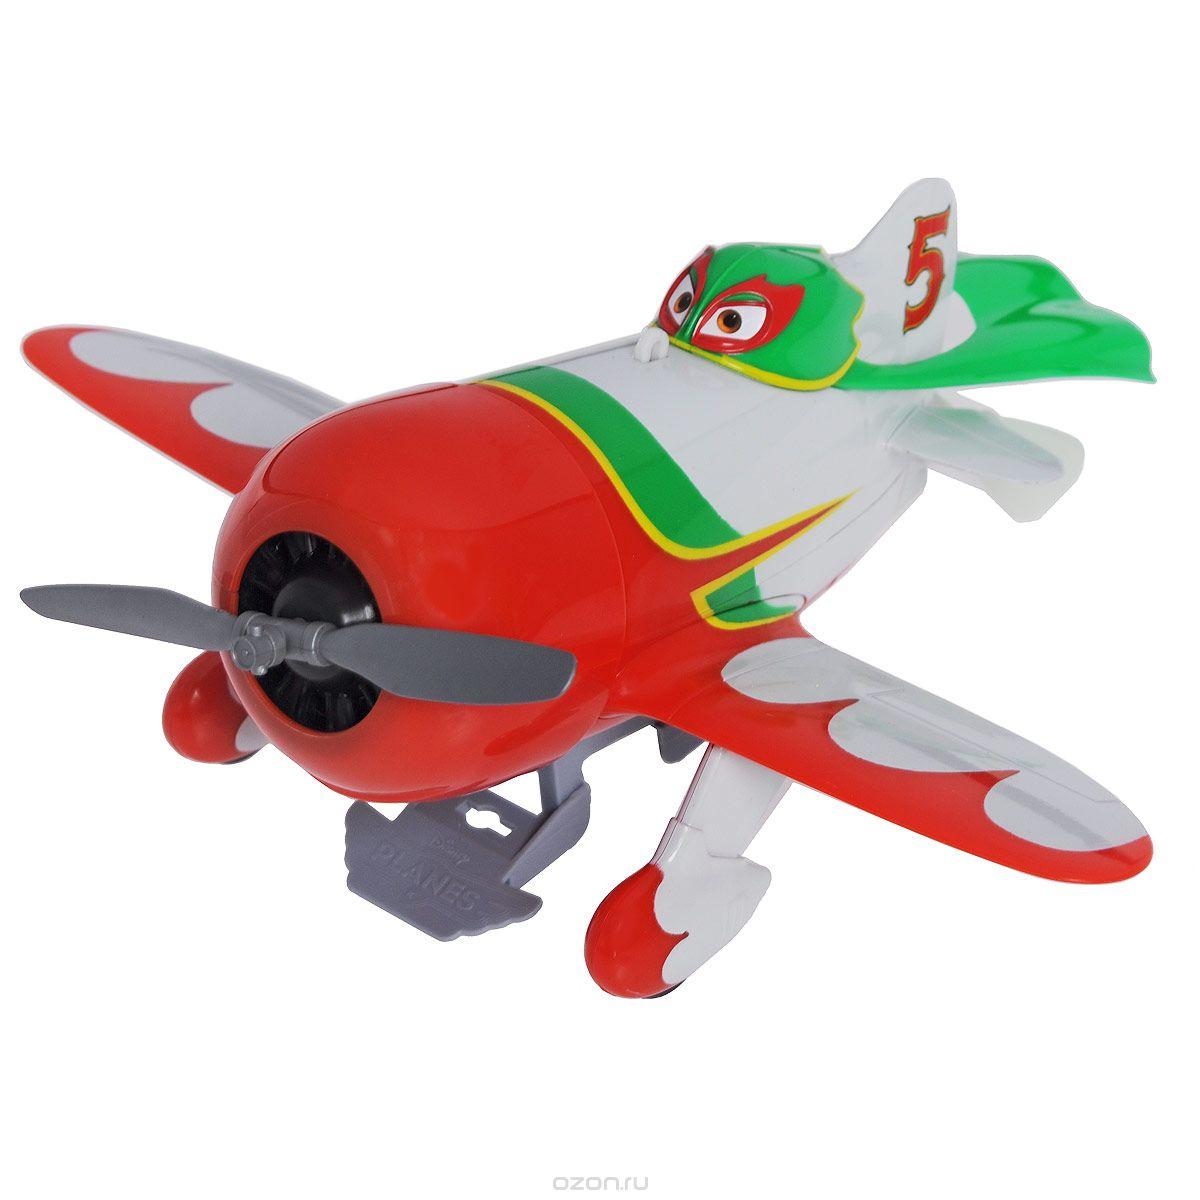 Planes Самолет Chupacabra, подвешиваемый к потолку3089807 (красный-зеленый-белый)Самолет Planes Chupacabra несомненно развлечет вашего ребенка. Самолетик выполнен из прочного пластика в виде Чупакабры, героя популярного мультфильма Planes (Самолеты). С помощью специального крепления с леской он подвешивается к потолку. В комплект входит схематичная инструкция на русском языке по эксплуатации игрушки. Ваш ребенок с удовольствием будет наблюдать за захватывающим полетом чемпиона Кругосветной Гонки. Порадуйте его таким замечательным подарком! Необходимо купить 1 батарейку напряжением 1,5V типа АА (не входит в комплект). Элементы крепления к потолку в комплект не входят.